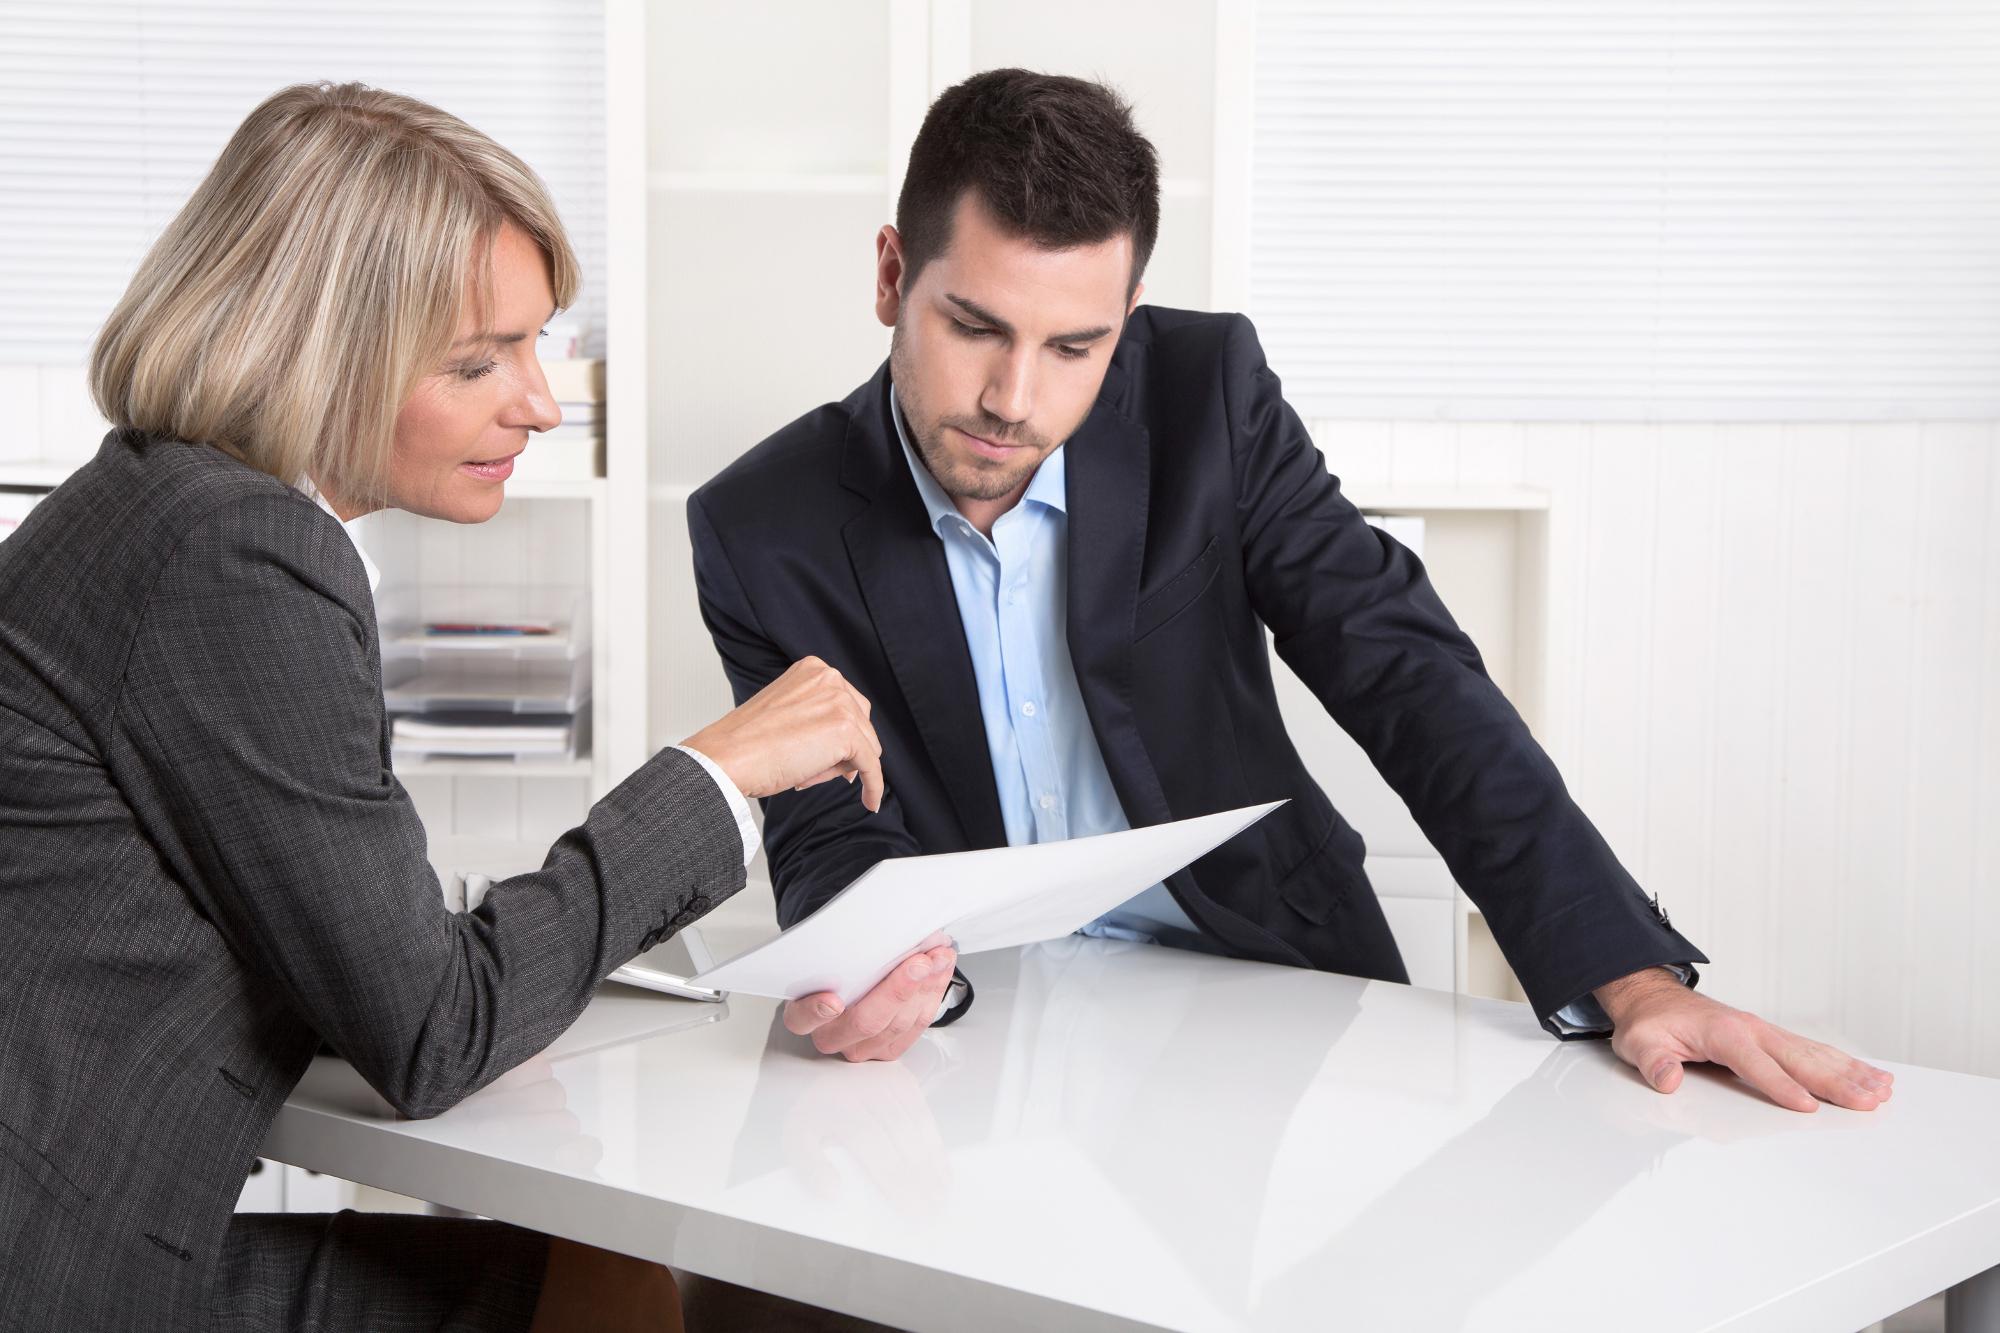 Tylko 29 proc. mężczyzn gotowych jest konsultować się z doradcą w banku w sprawie inwestycji, za to kobiet, które chętnie skorzystają z takiej porady jest 36 proc.(fot. shutterstock.com)